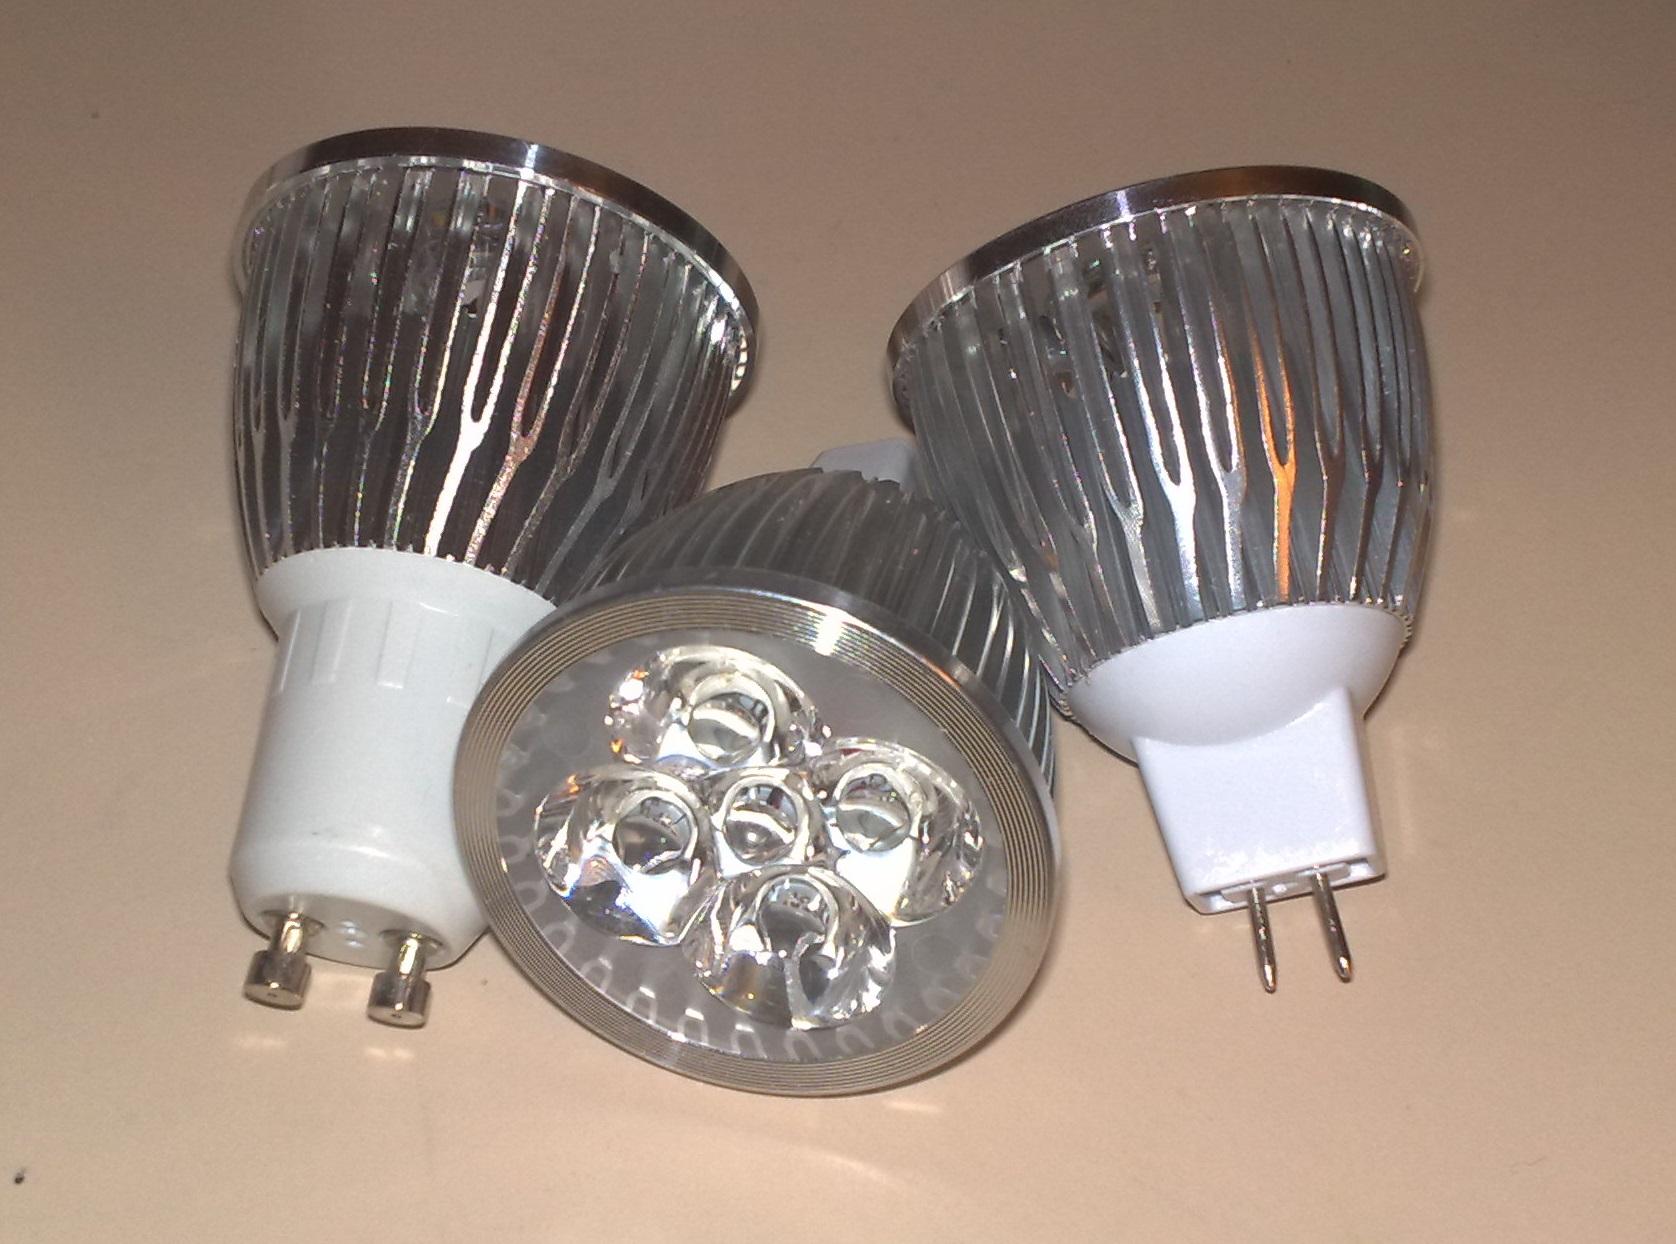 Guida lampadine led casa ourelectronics for Lampadine led casa